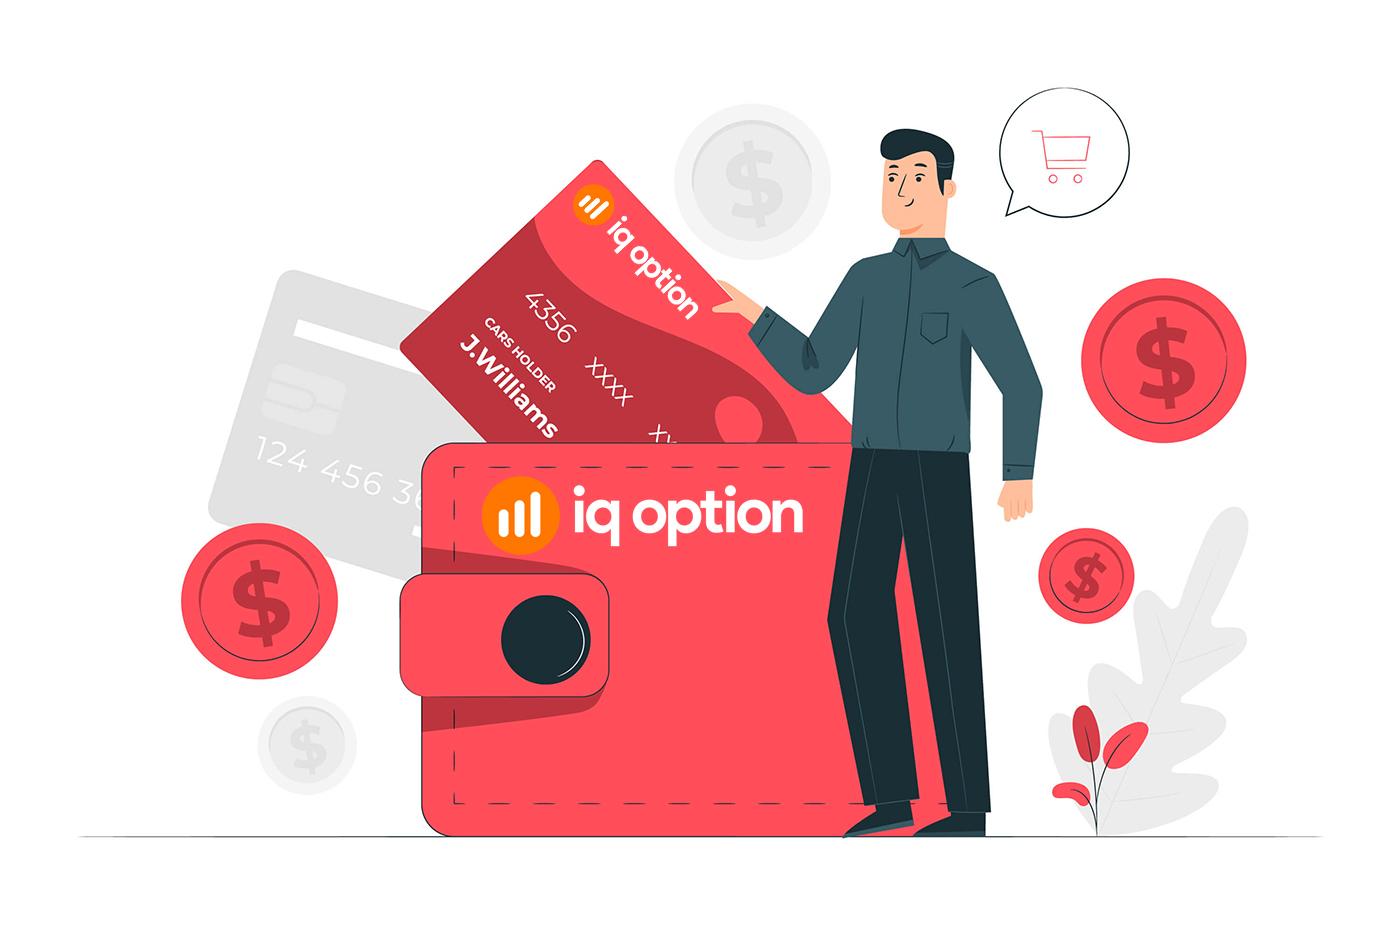 วิธีการเปิดบัญชีและถอนเงินที่ IQ Option